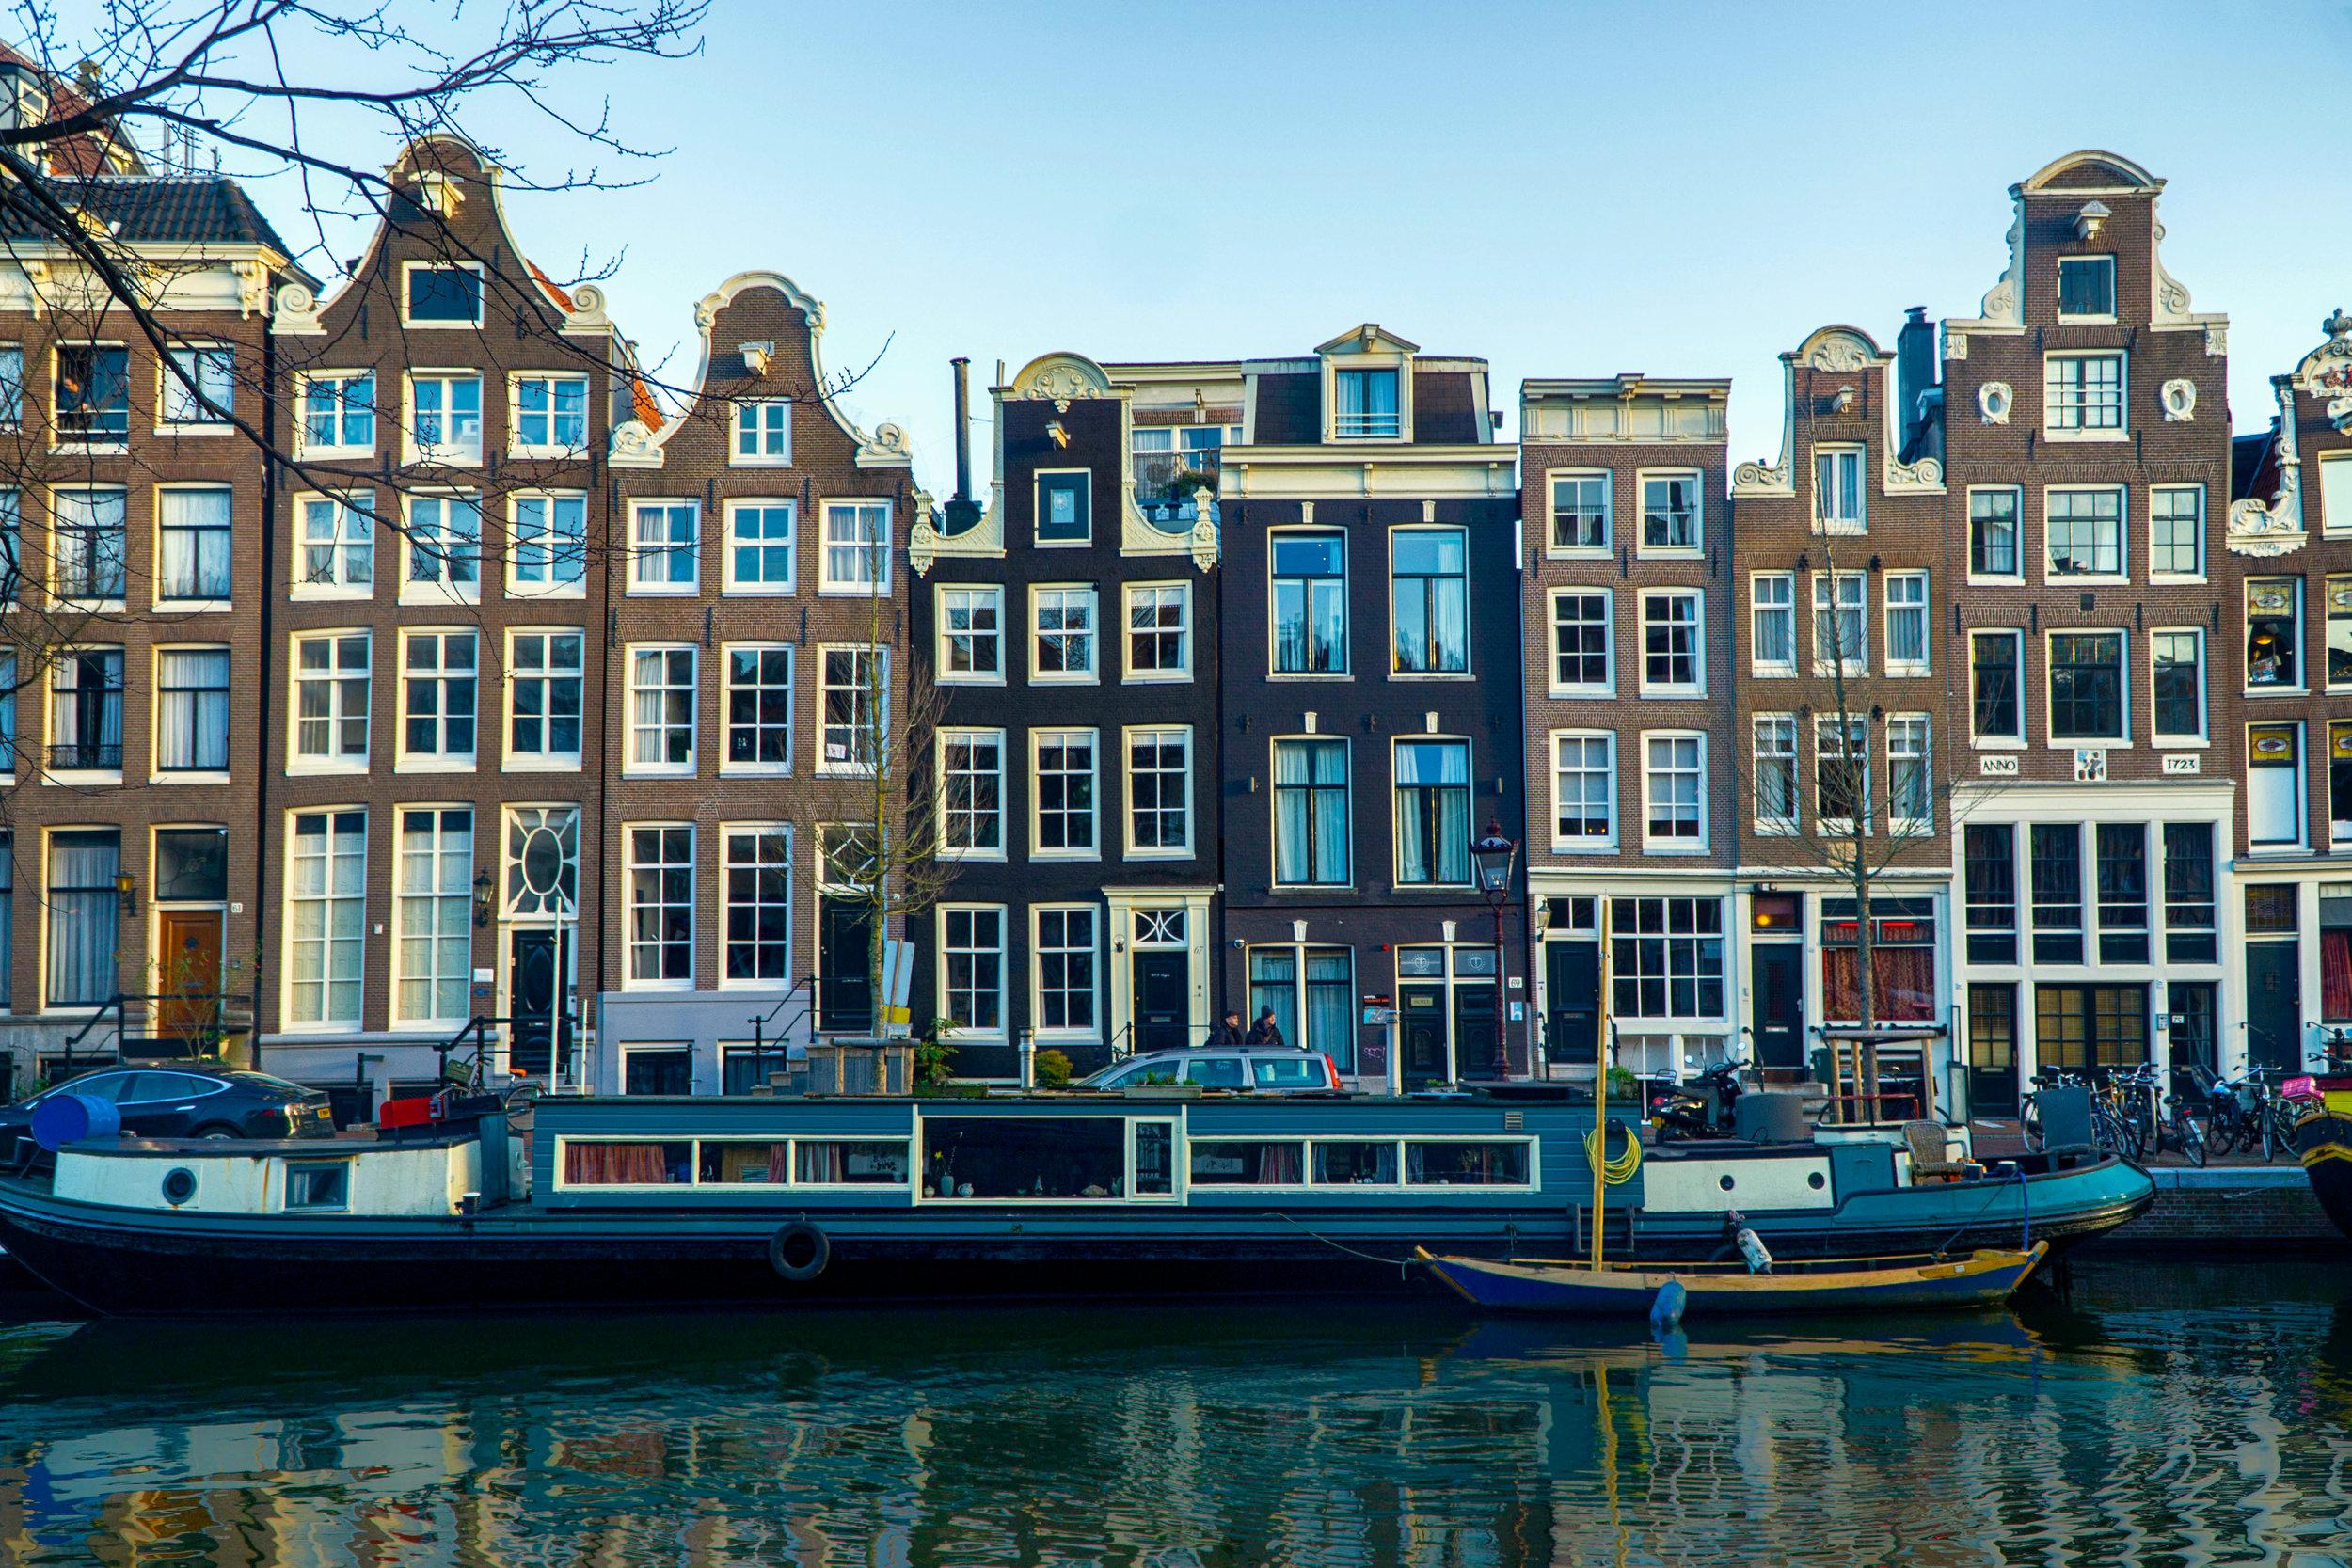 Amsterdam_vickygood_travel_photography3_sm.jpg